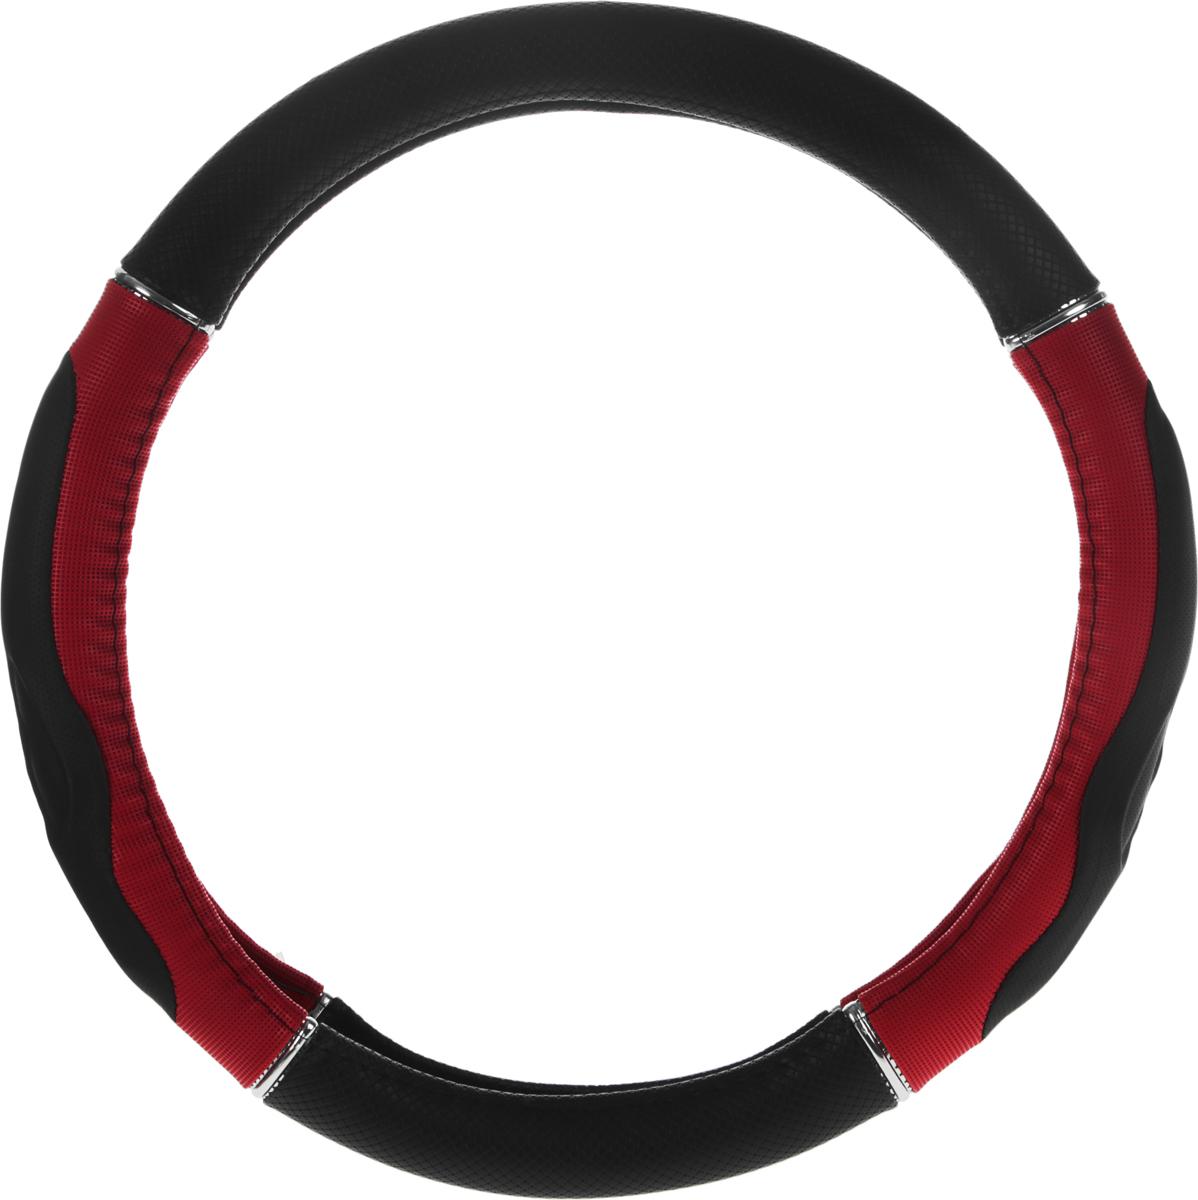 Оплетка руля Autoprofi GL-1020, наполнитель: гель, цвет: черный, красный. Размер M (38 см) цена